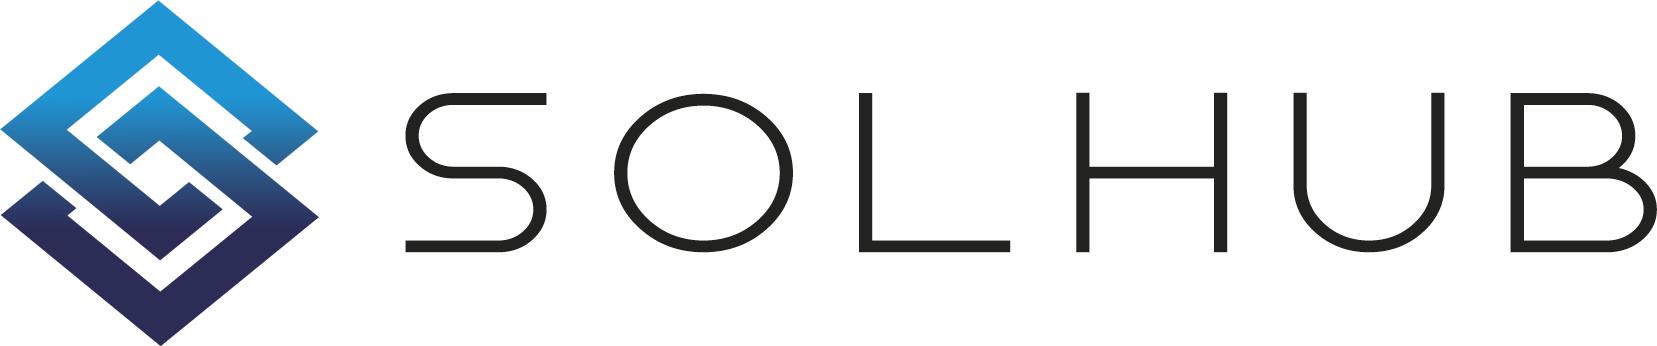 Solhub Oy